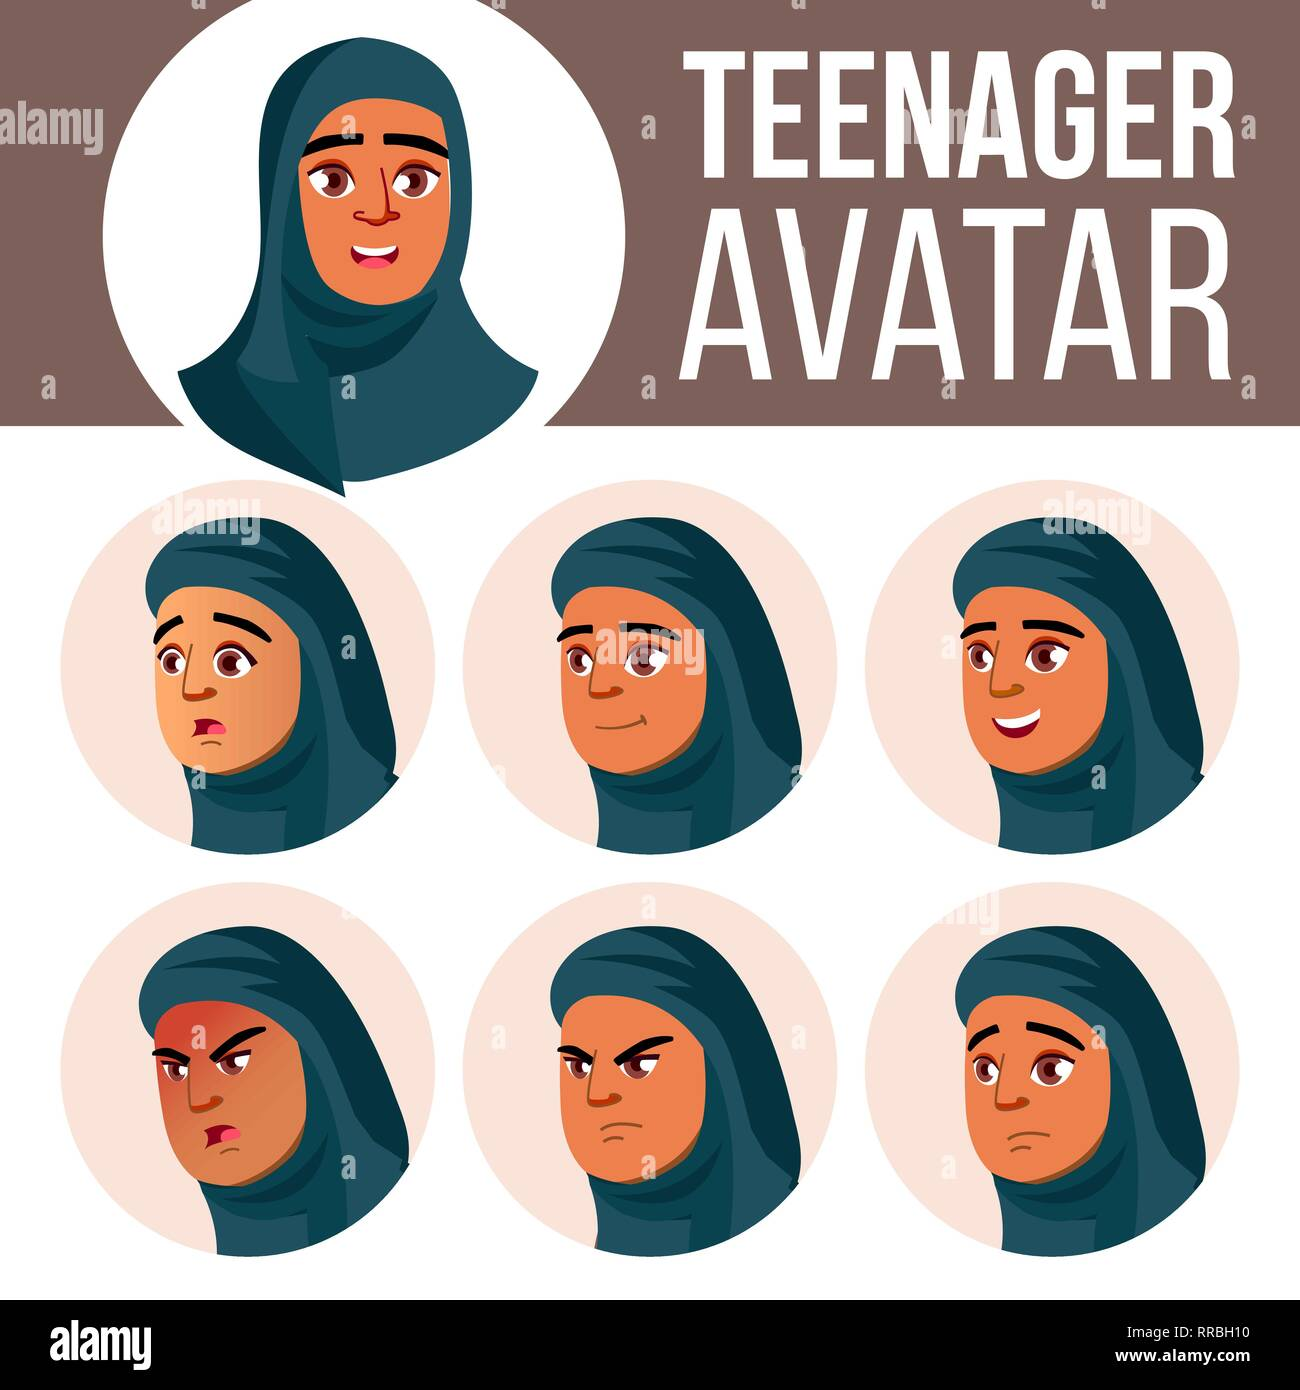 Image Main De Femme Musulmane Arabe Vecteur D Avatar Faire Face A Ses Emotions Les Enfants Belle Drole Tete Cartoon Illustration Image Vectorielle Stock Alamy